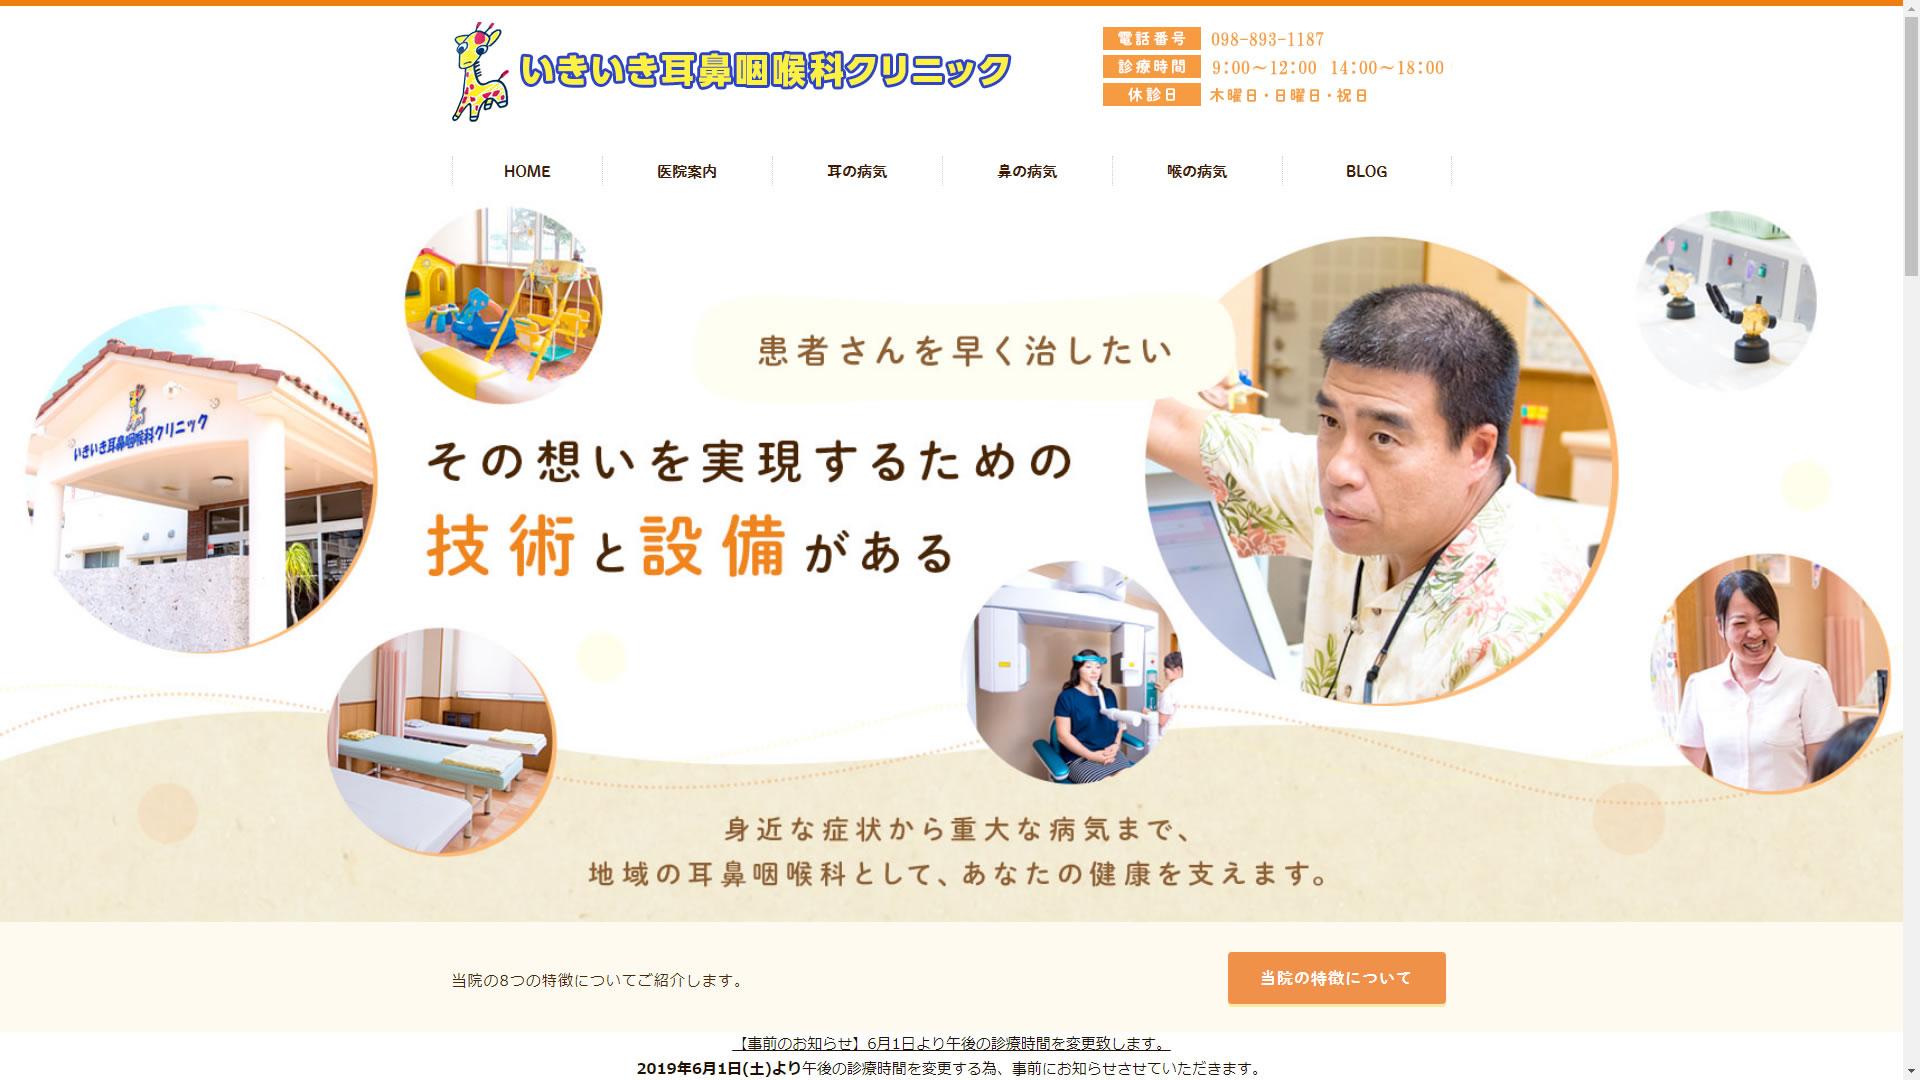 宜野湾市で耳鼻咽喉科をお探しなら、いきいき耳鼻咽喉科クリニック